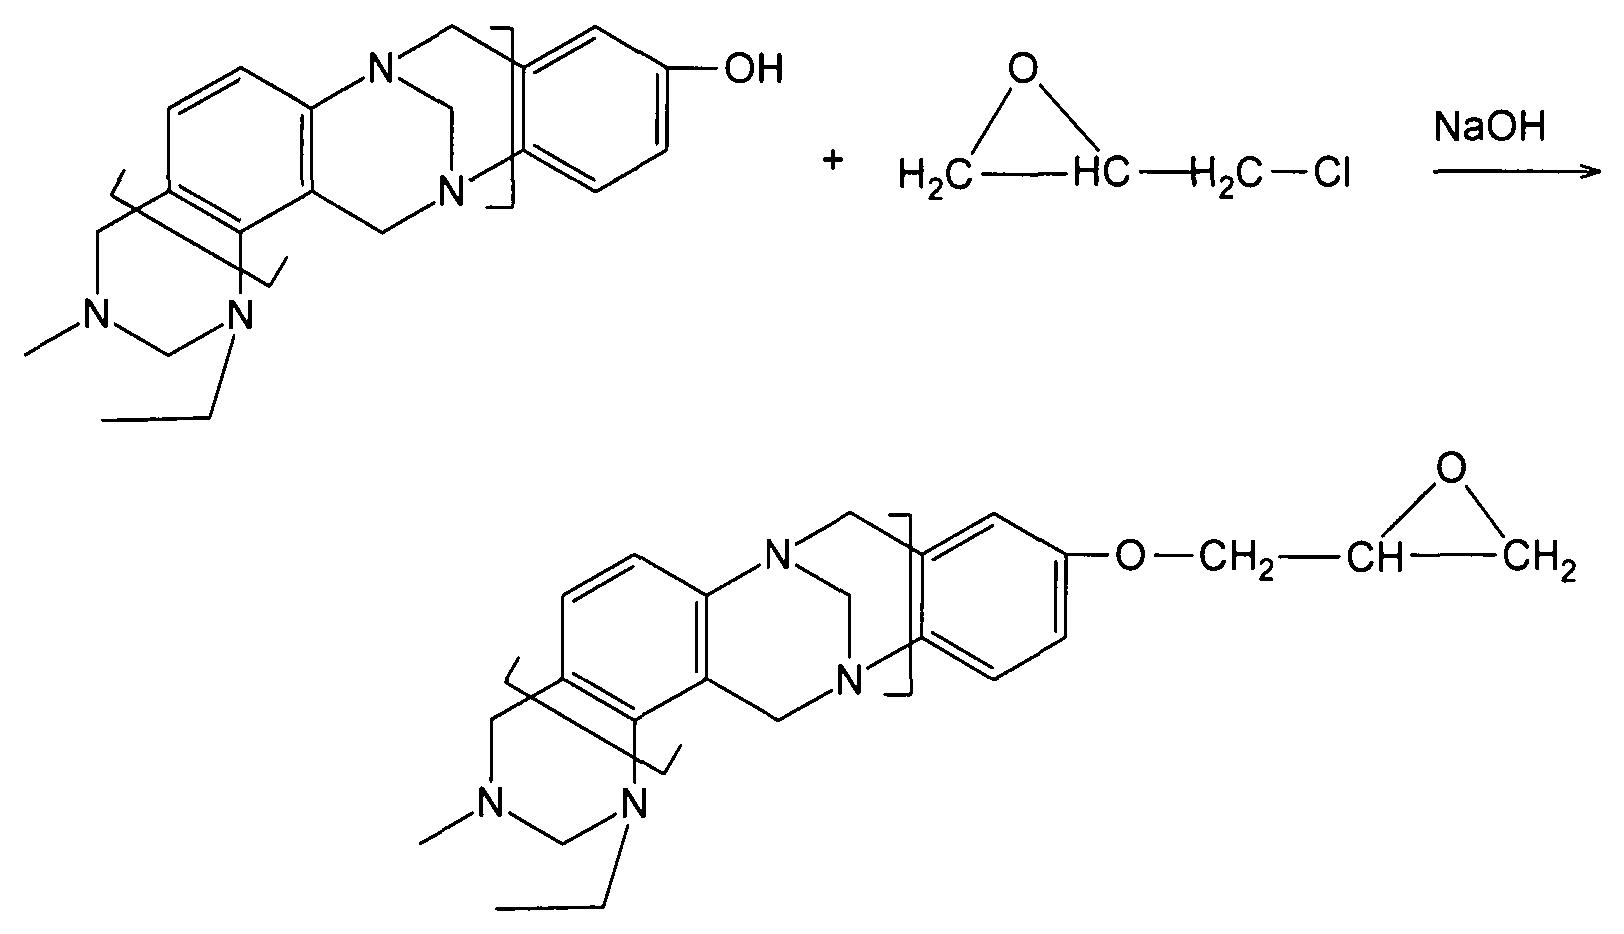 Figure DE112016005378T5_0053